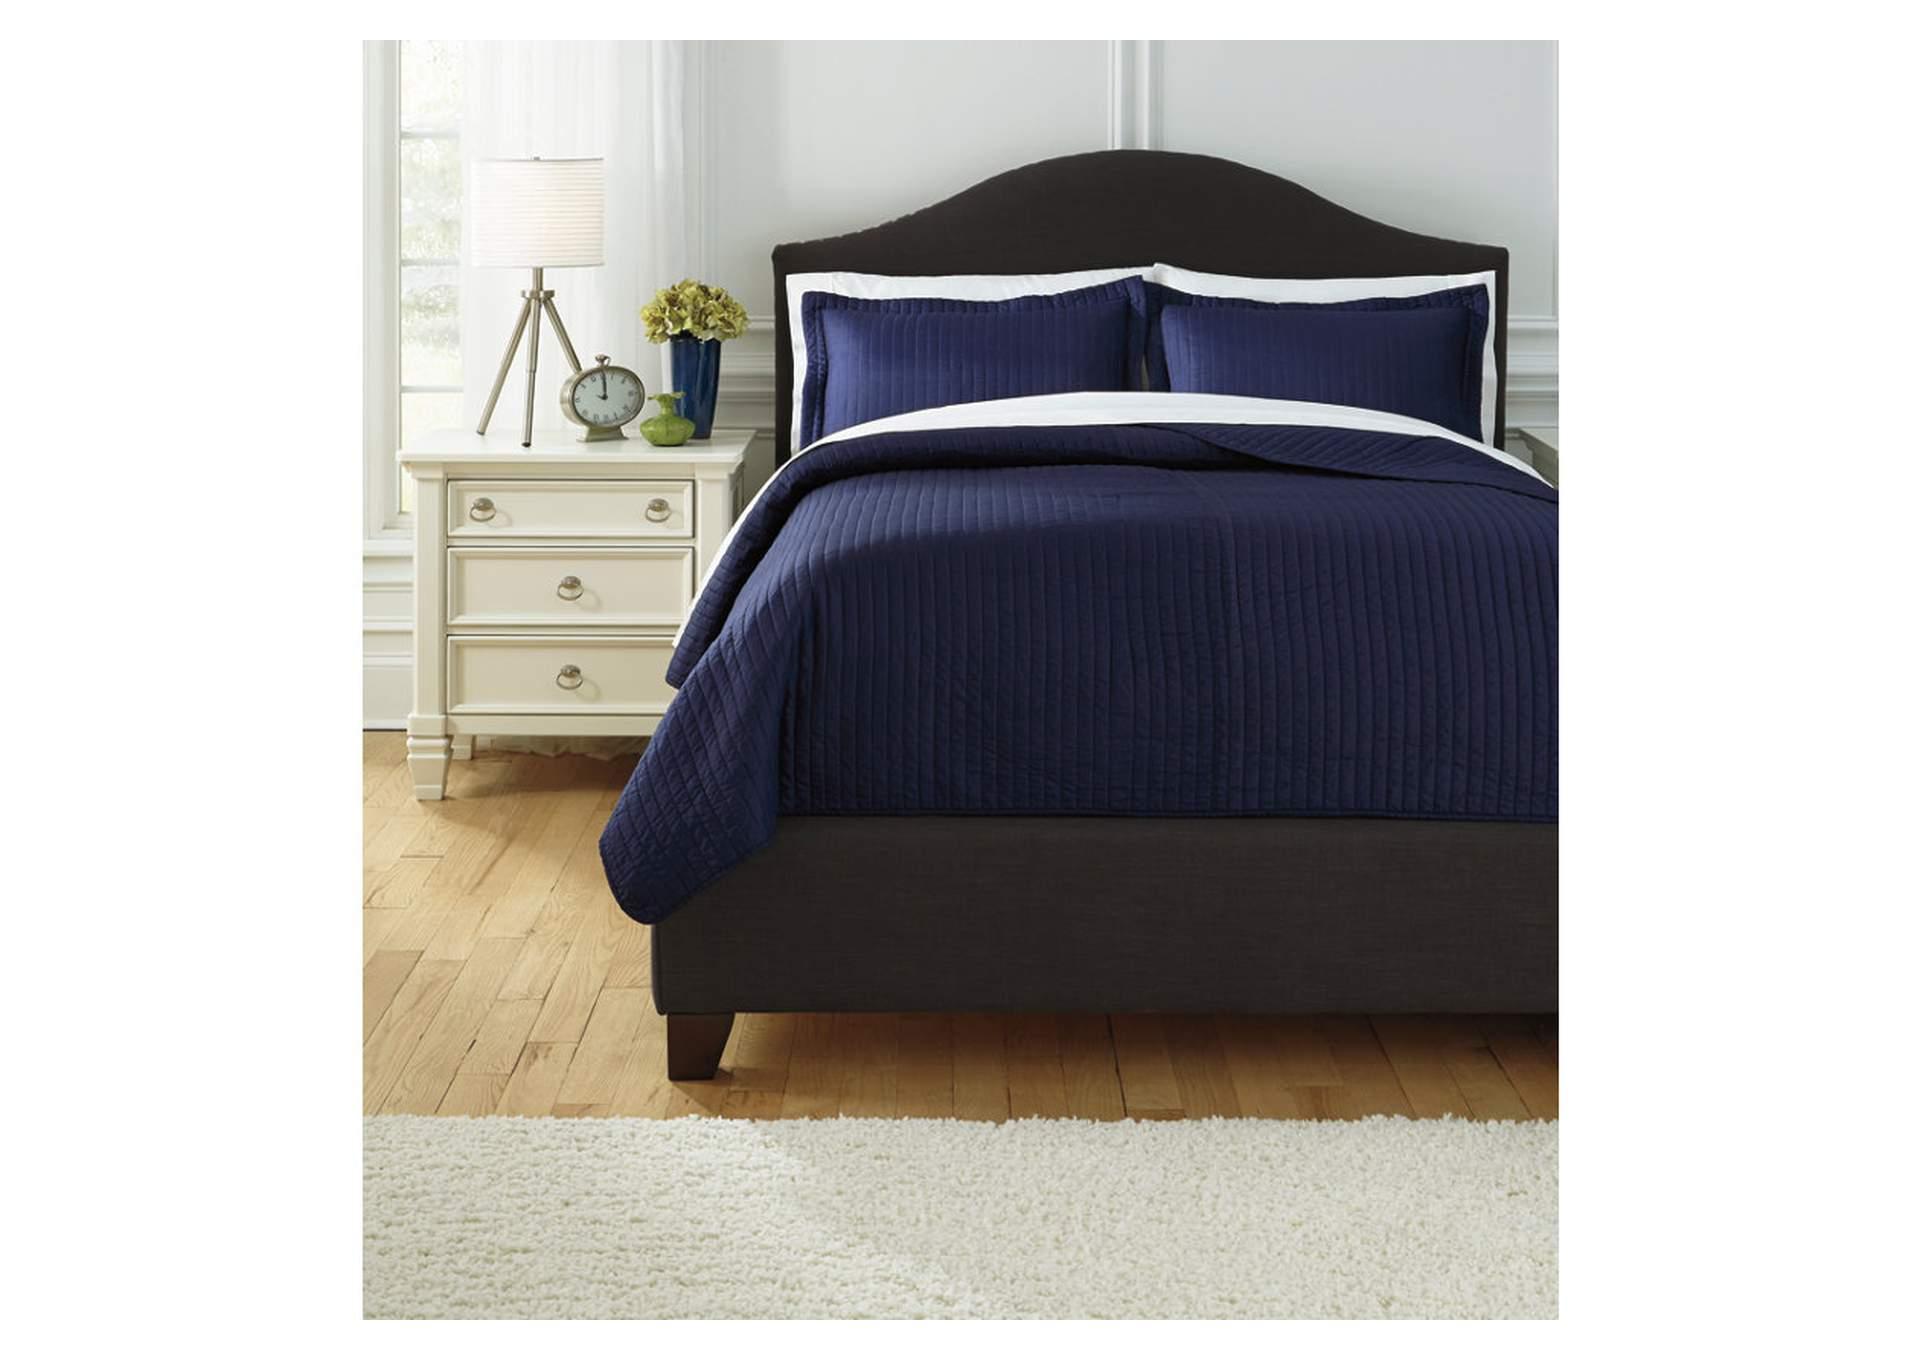 Juego de cubrecama Raleda color azul marino para cama tamaño queen size